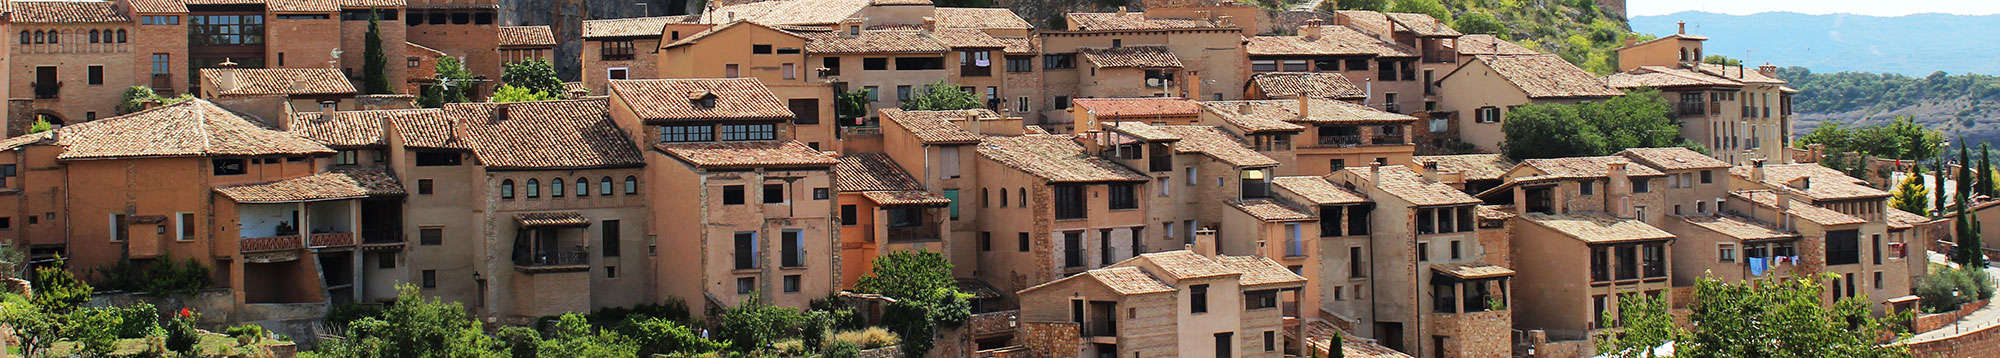 Week-end et séjour à Aragon